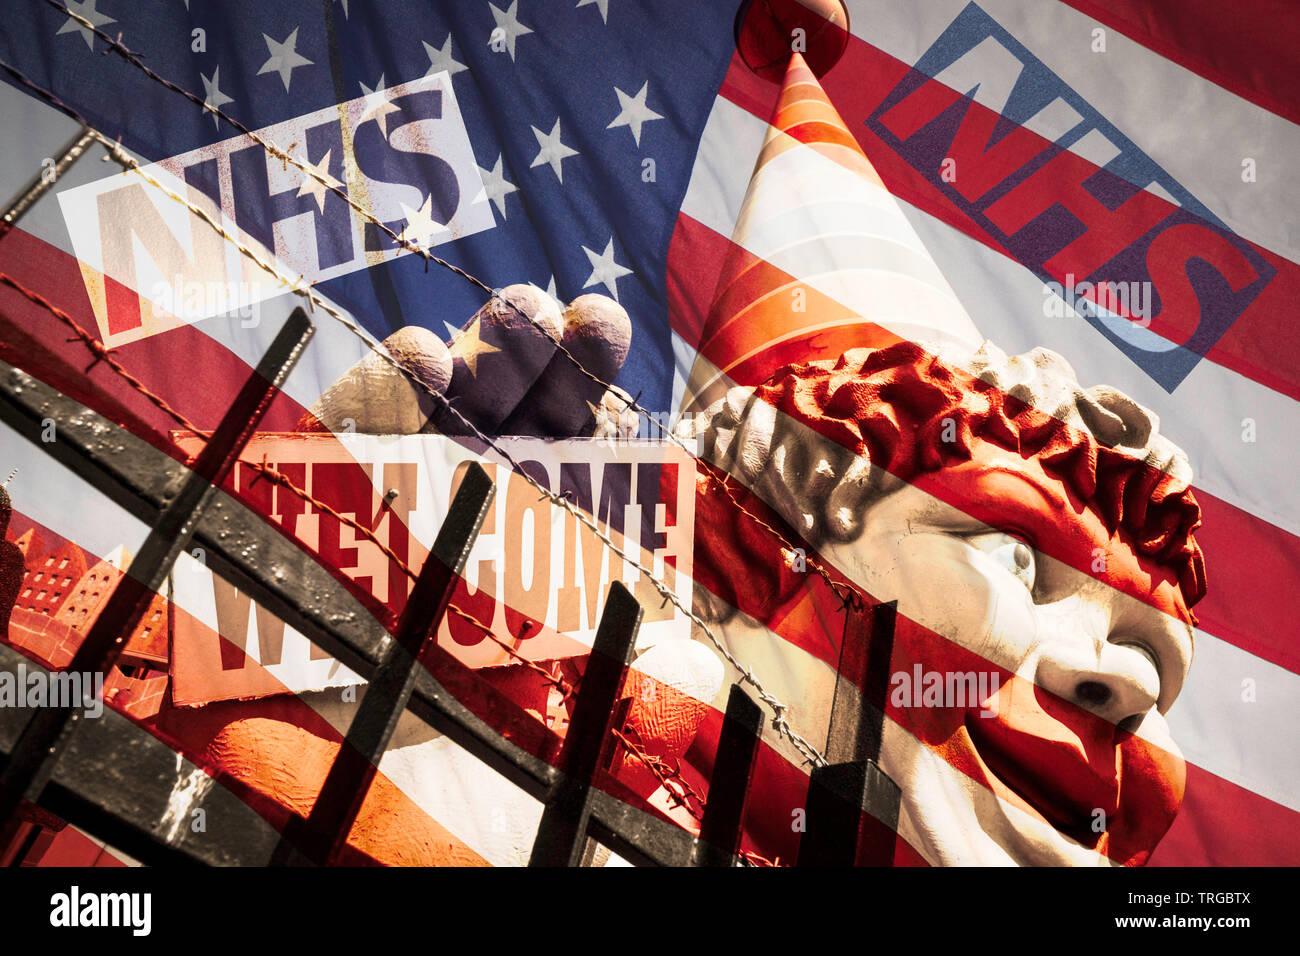 NHS (Servizio sanitario nazionale) il logo a stelle e strisce di bandiera. Stati Uniti d'America/Stati Uniti d'America UK Trade trattativa/Brexit Concetto di immagine. Immagini Stock